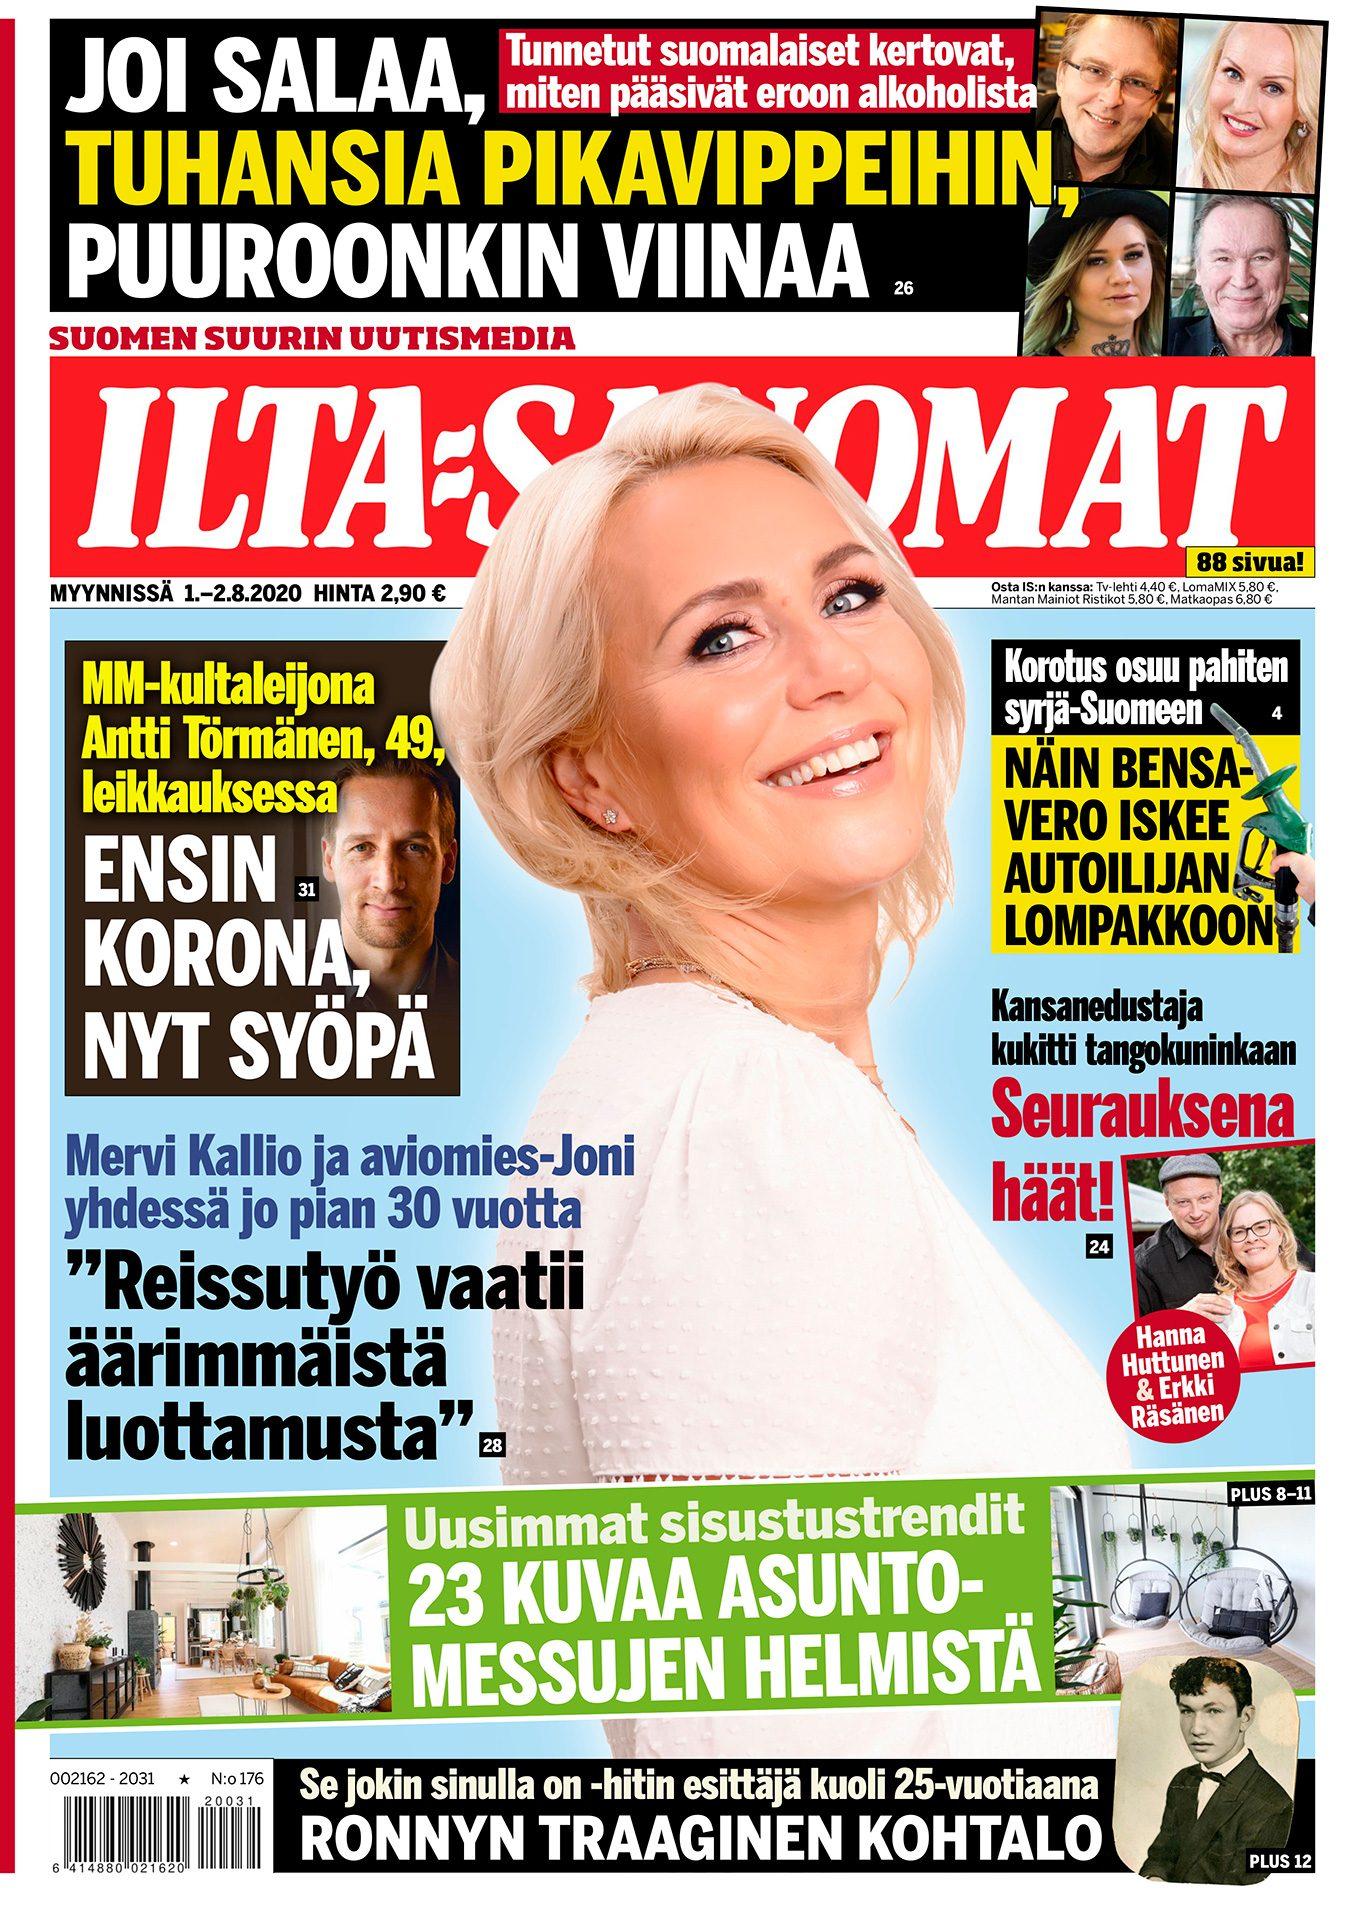 Mervi Kallio, urheilutoimittaja, MTV Sport, Tulosruutu, Formula-1